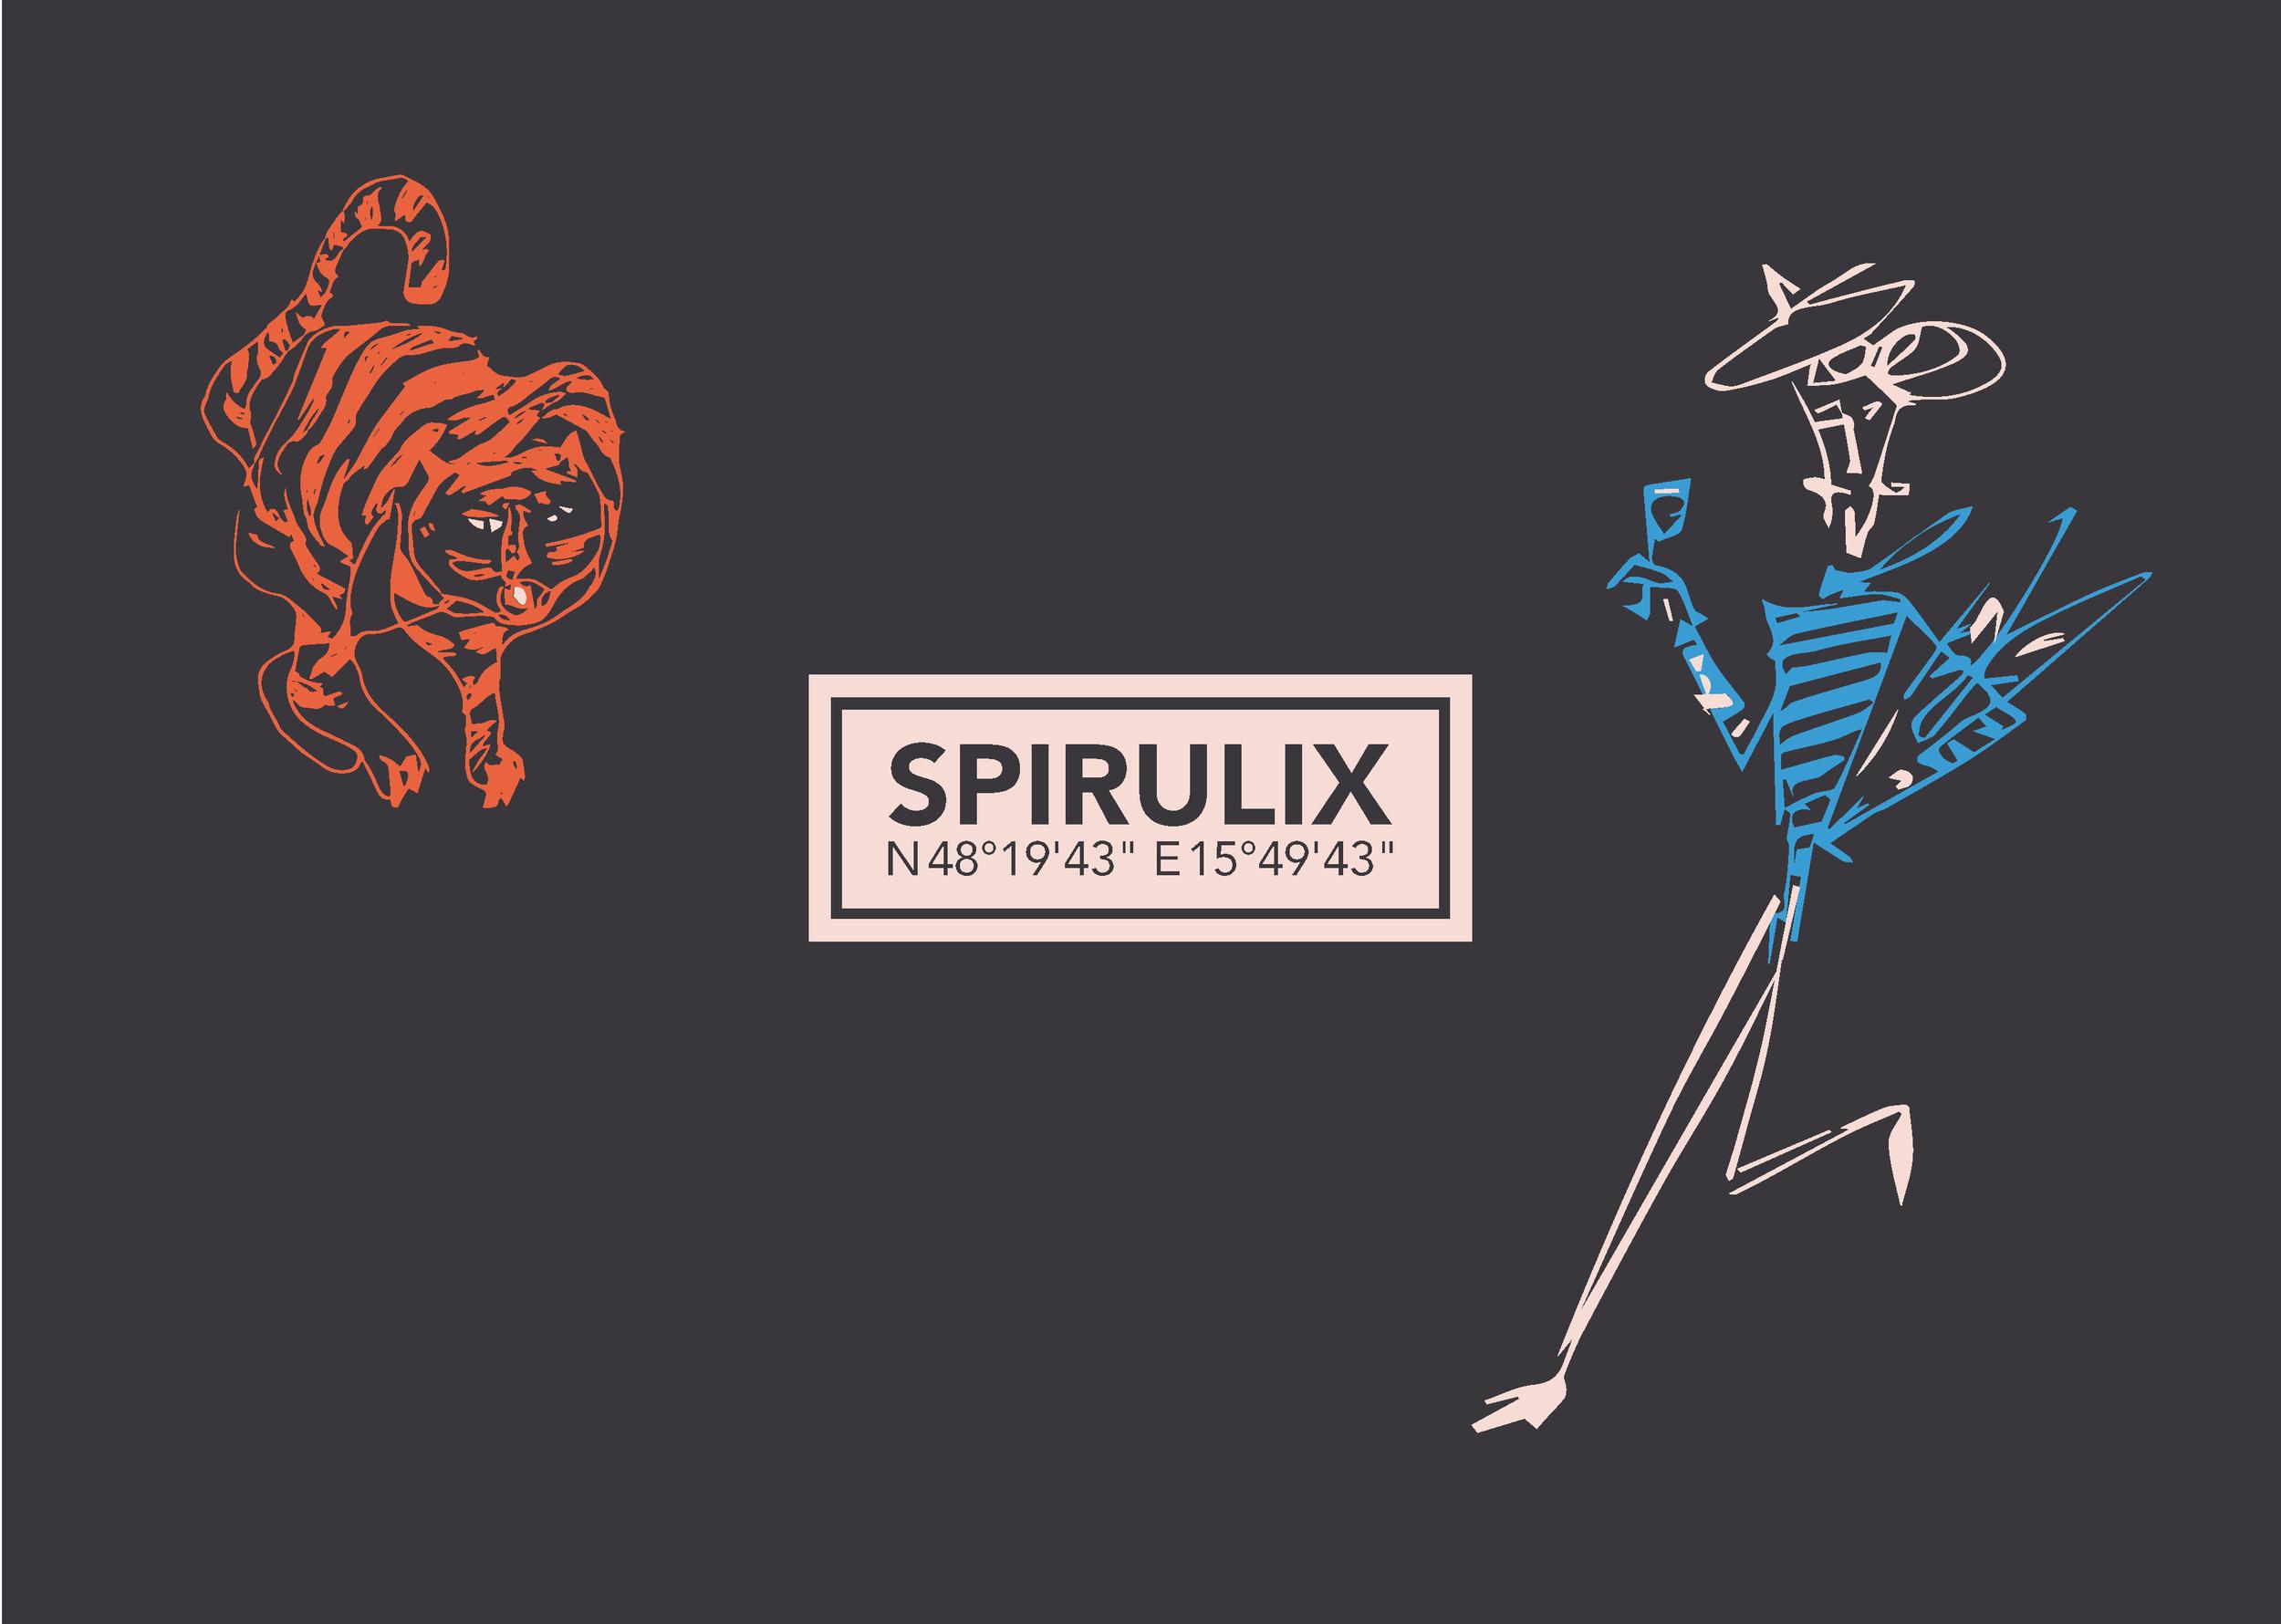 spirulix-brand-creation.png